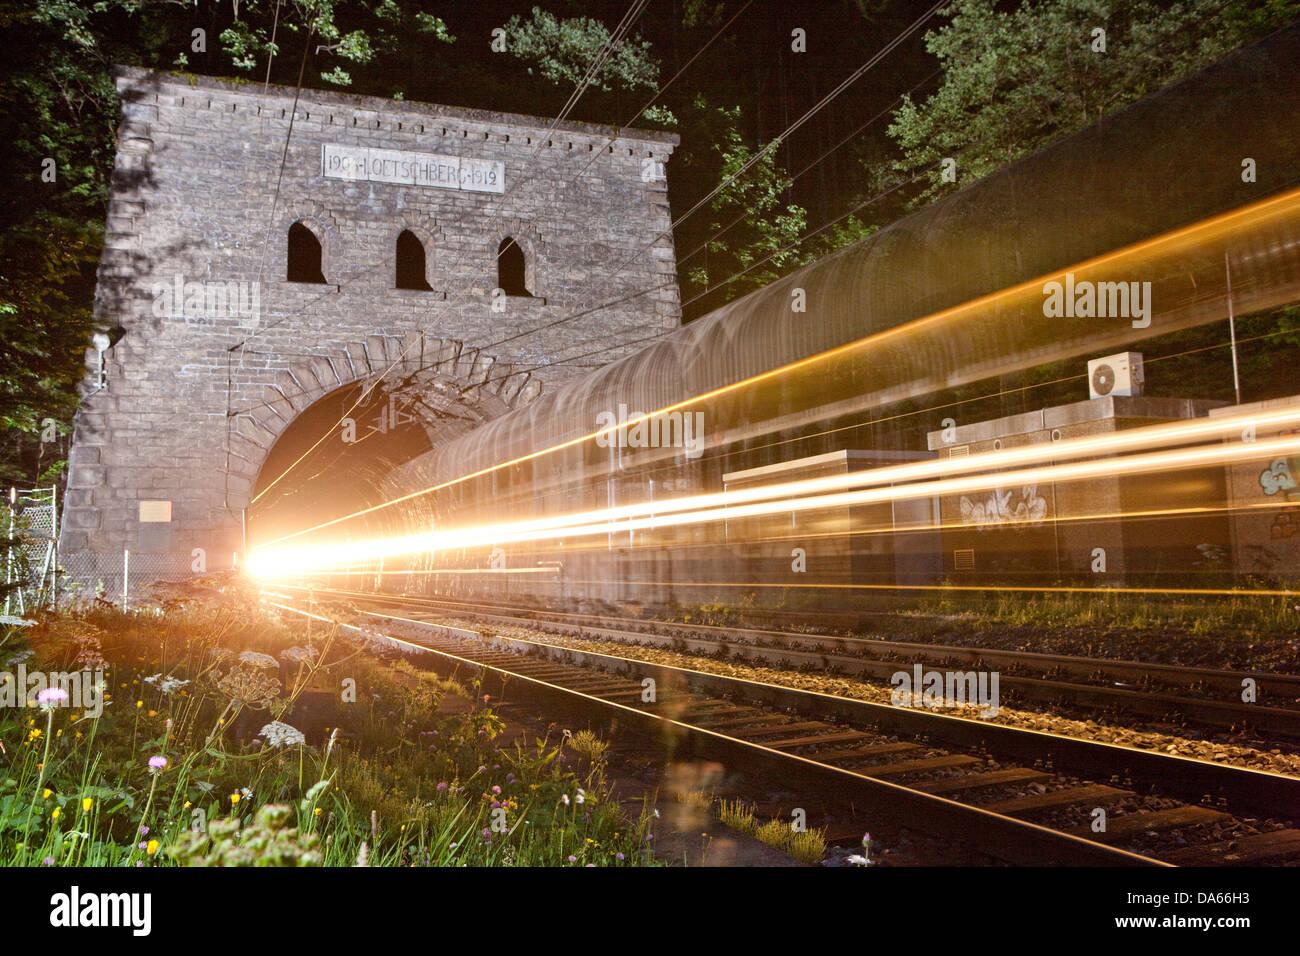 Entrée principale du nord, tunnel, Kandersteg, route, chemin de fer, train, chemin de fer, le Lötschberg, Photo Stock